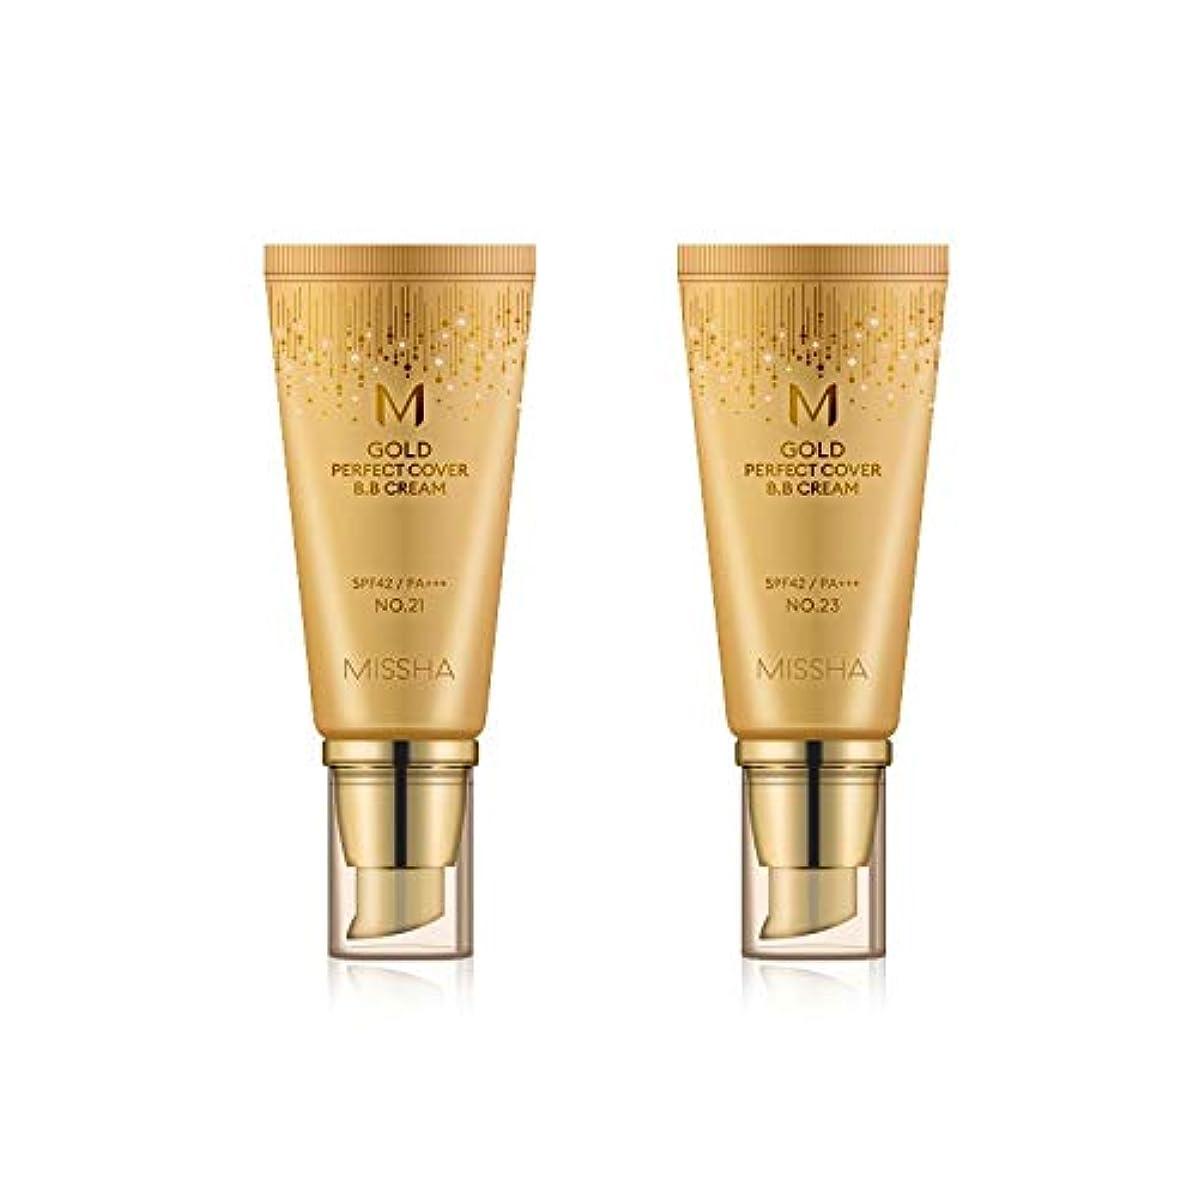 くレキシコン便利MISSHA Gold Perfecte Cover BB Cream SPF42 PA+++ / ミシャ ゴールド パーフェクト カバー BBクリーム 50ml *NO.23 [並行輸入品]